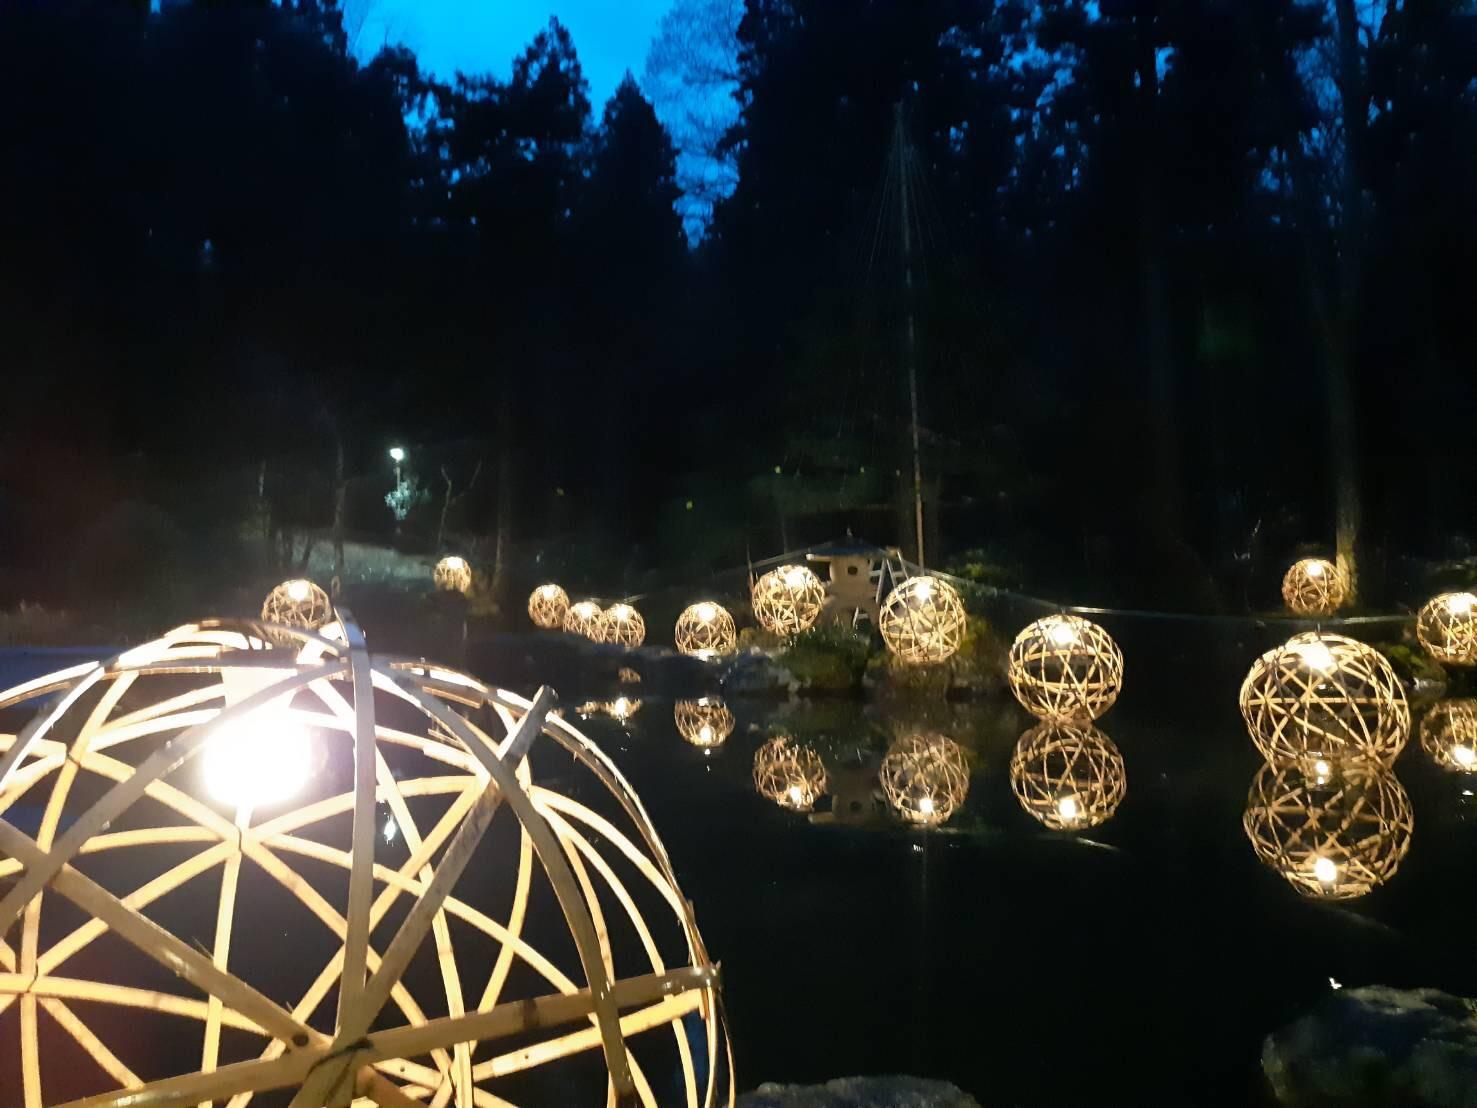 バンブーボールを使用した灯りイベント